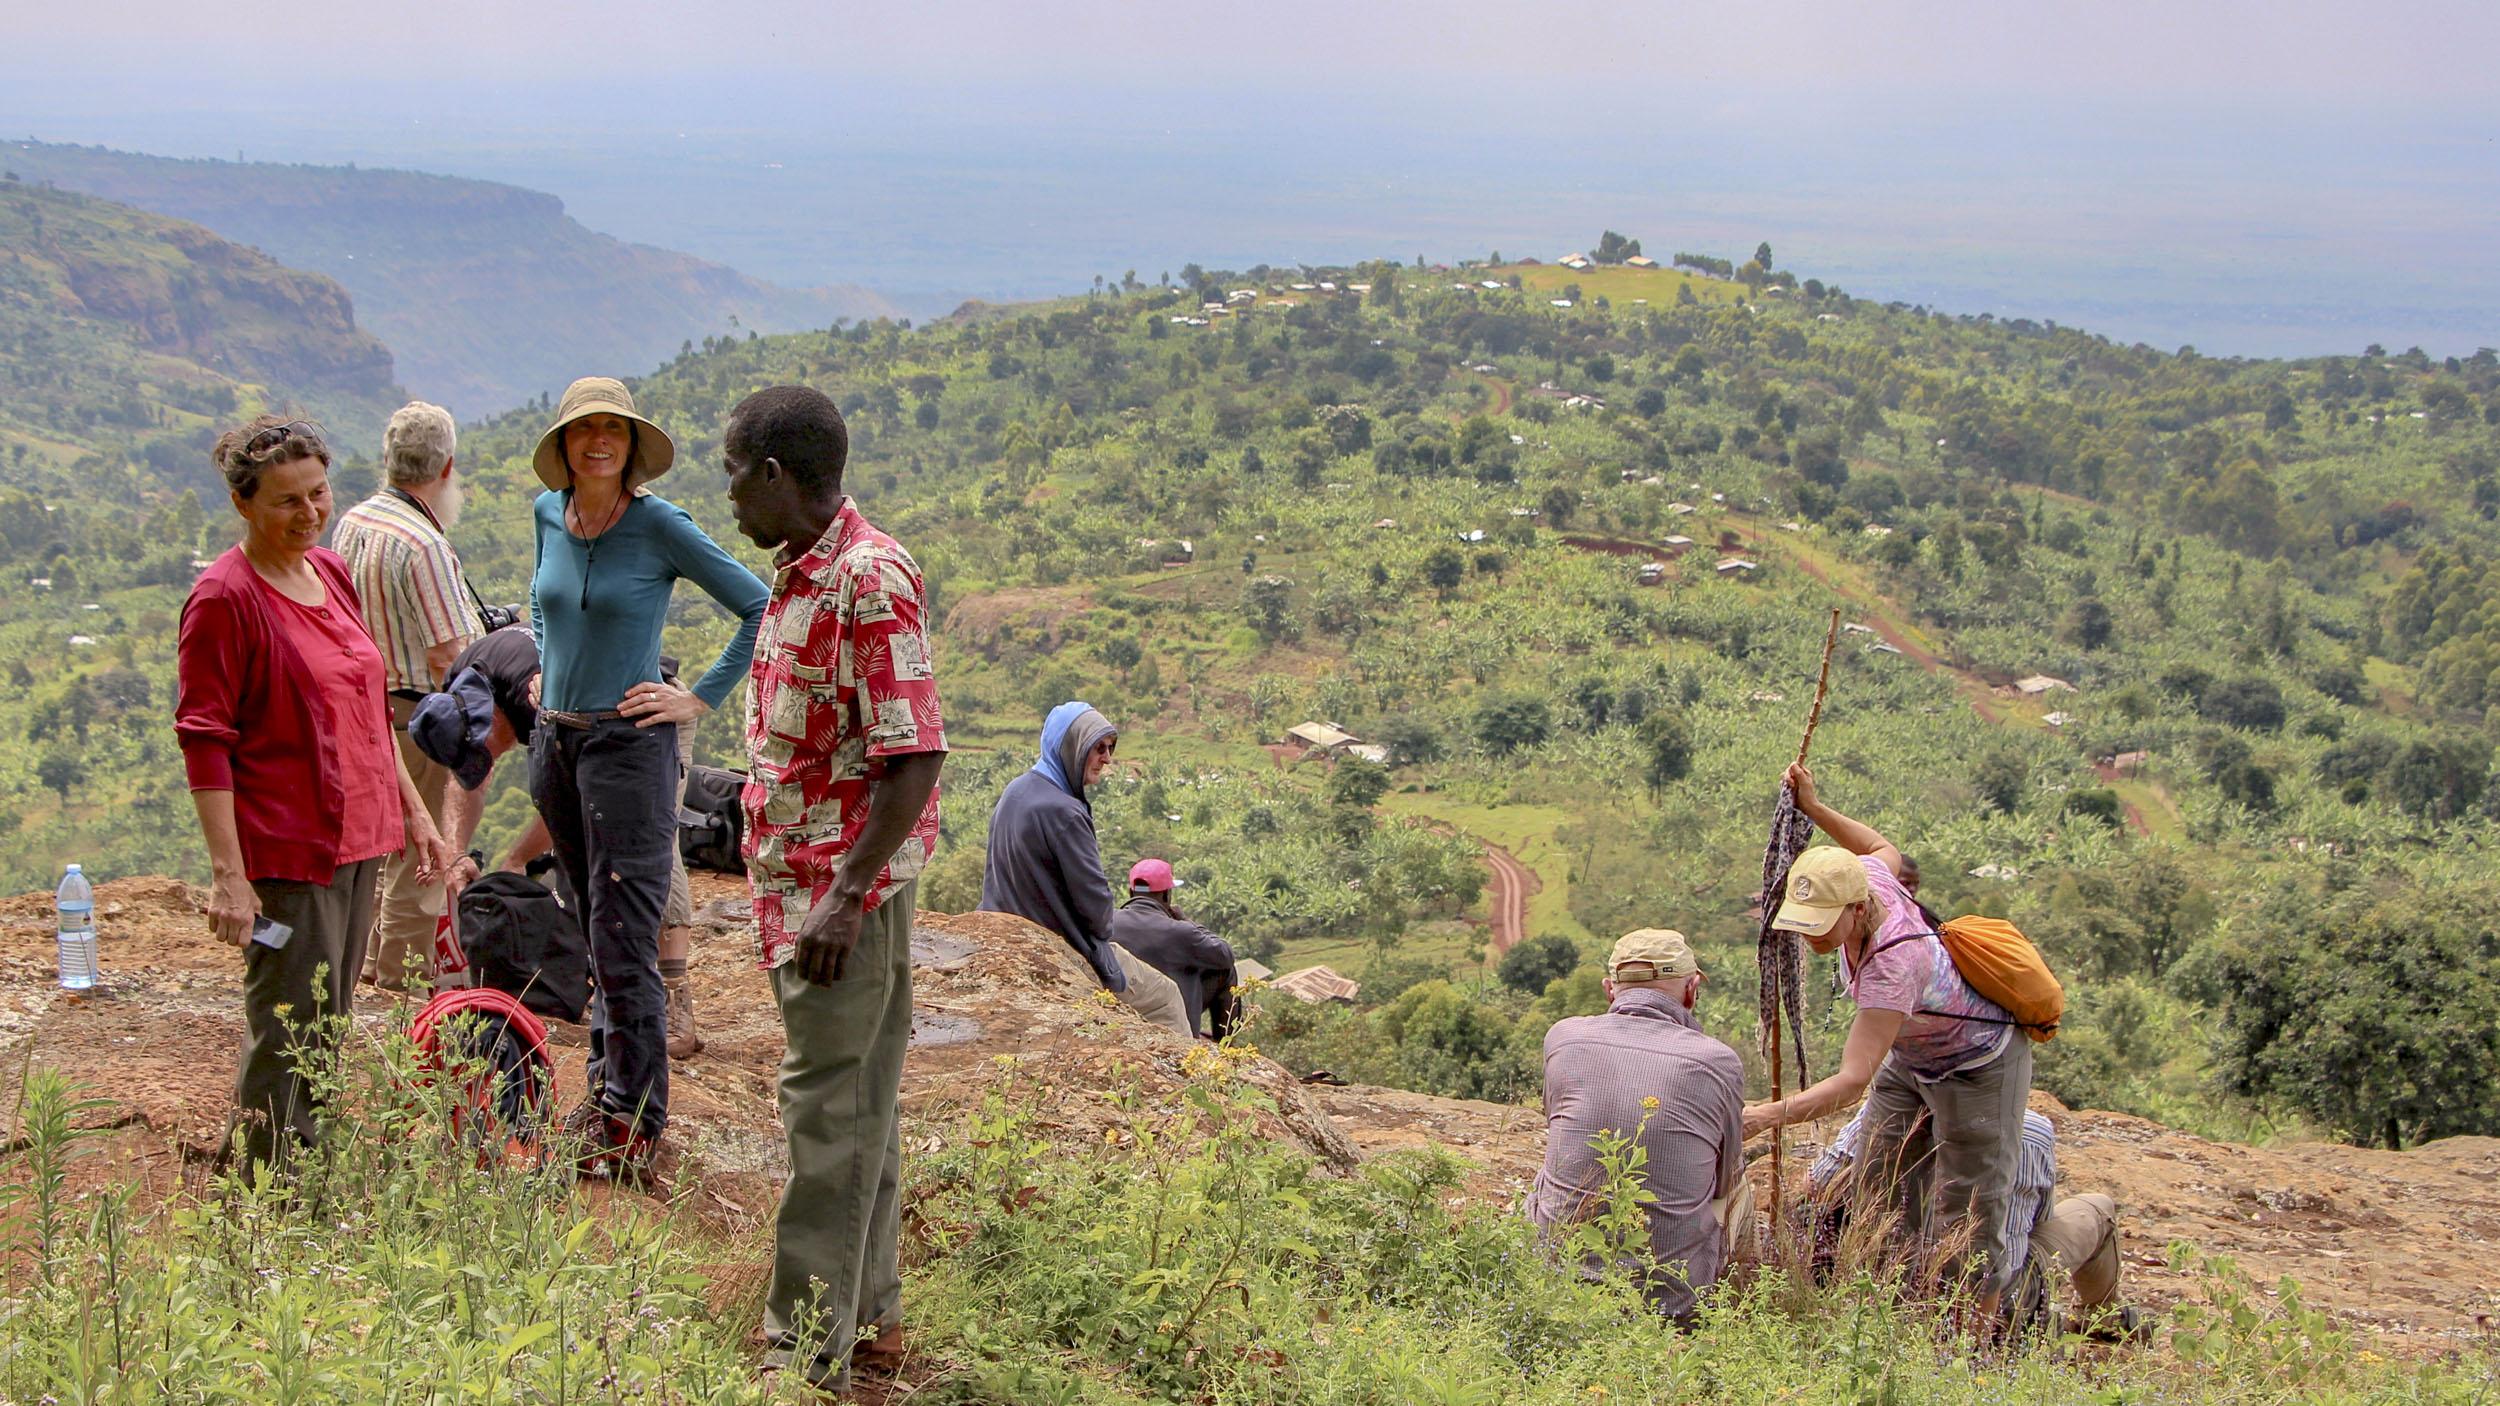 Wir sind ganz oben in der Kaffee-Region auf 2100m und haben einen herrlichen Blick